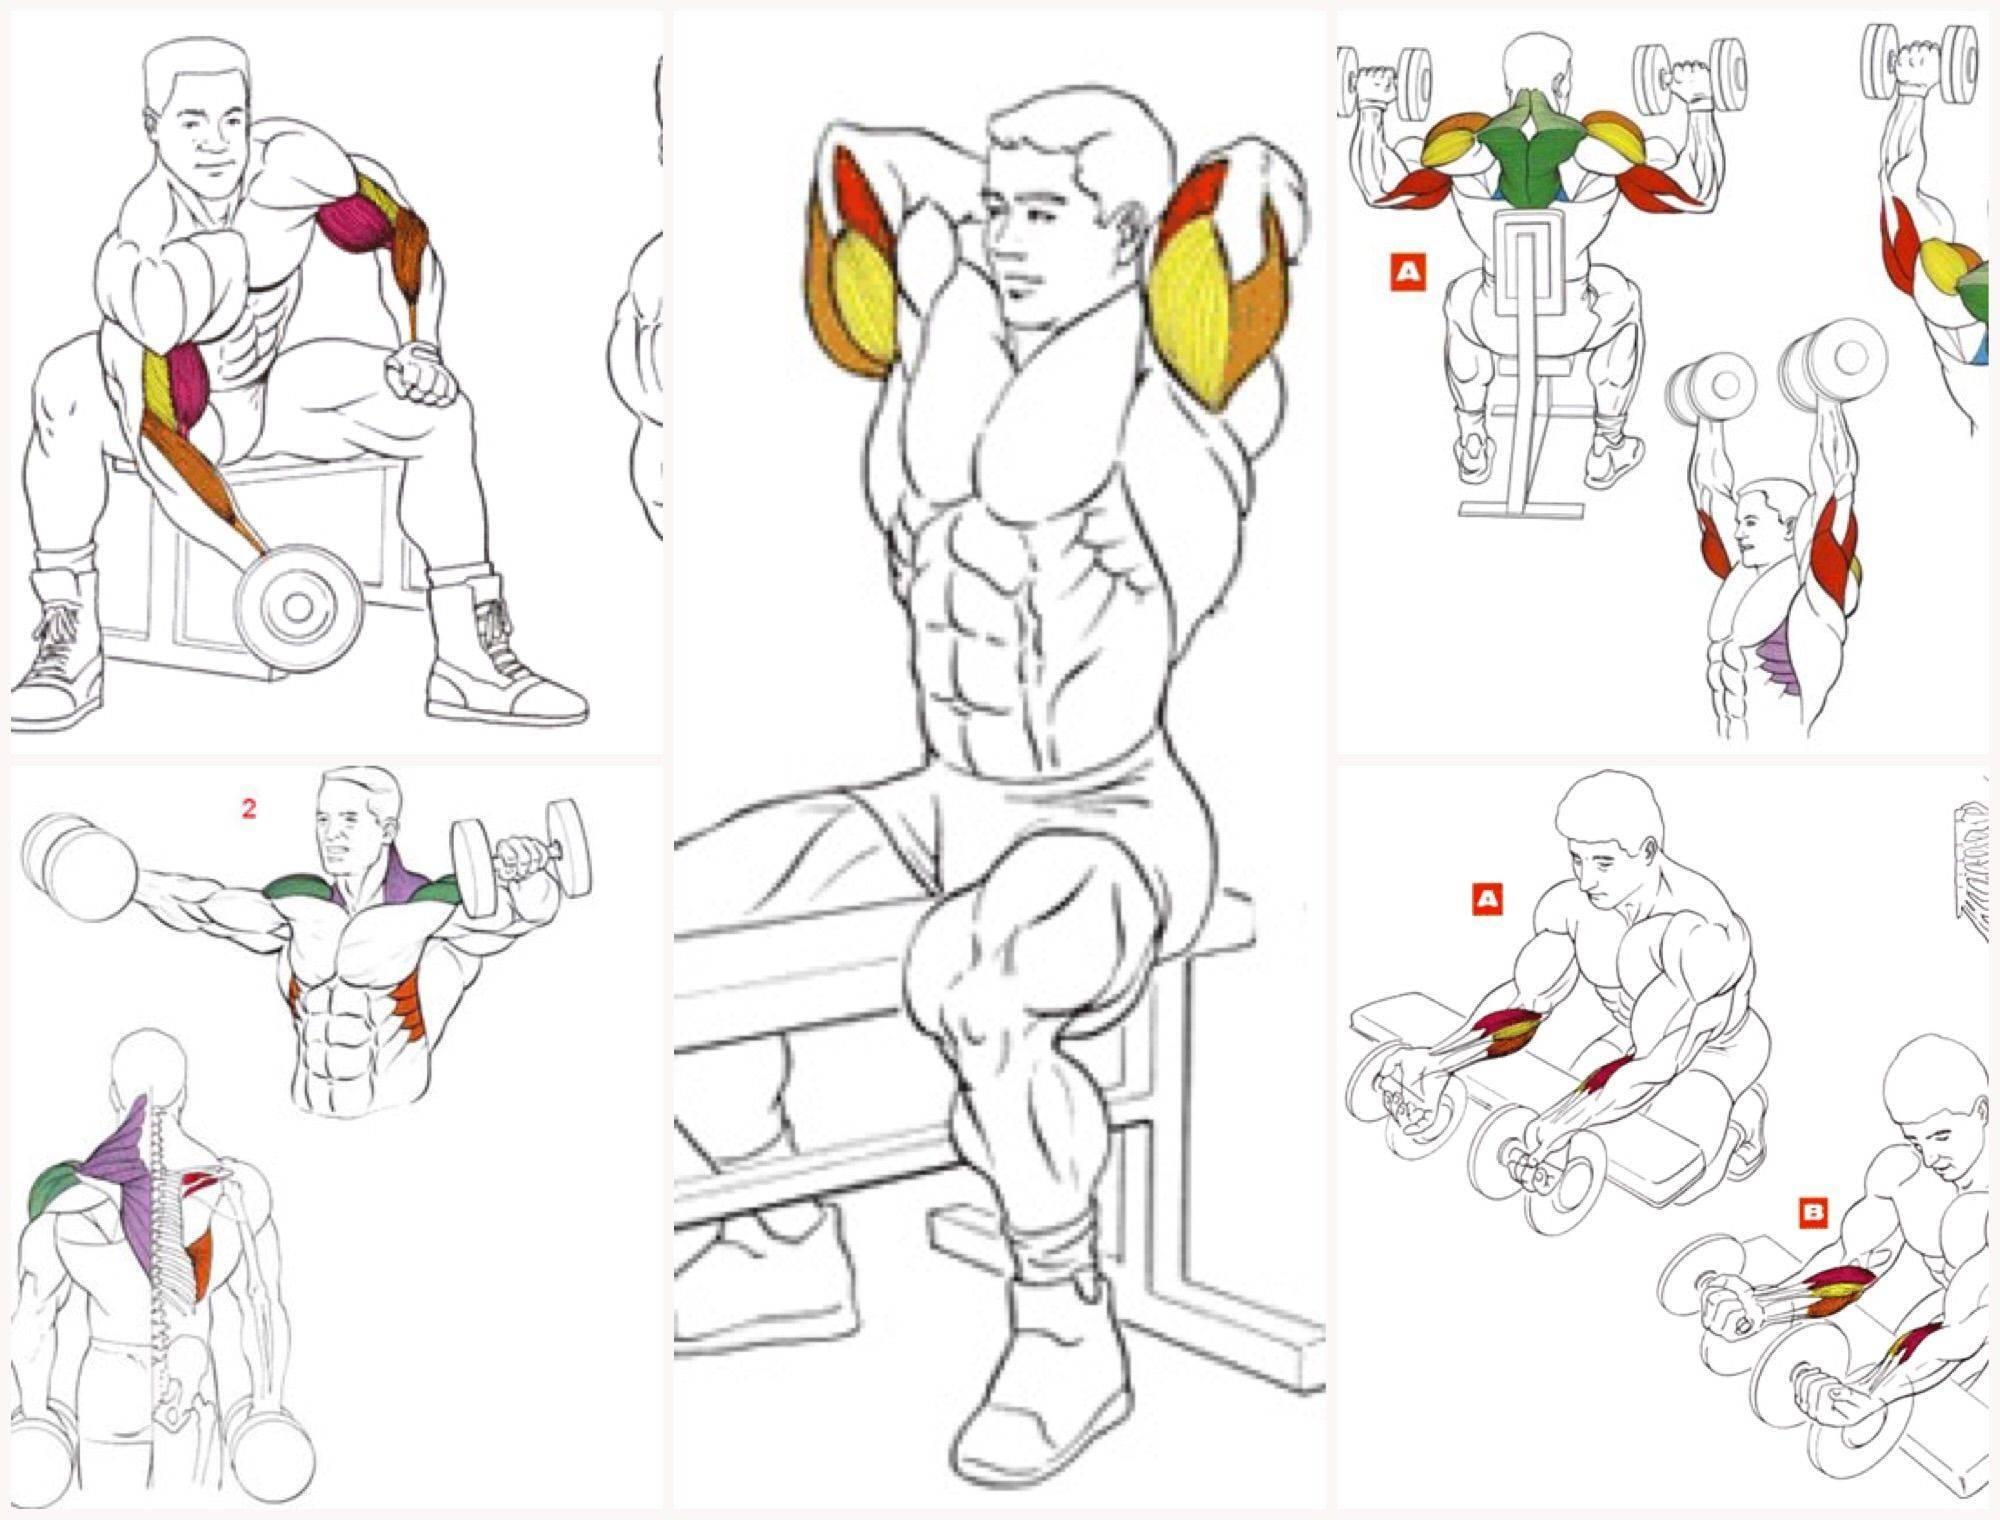 Упражнения на плечи в тренажерном зале для мужчин